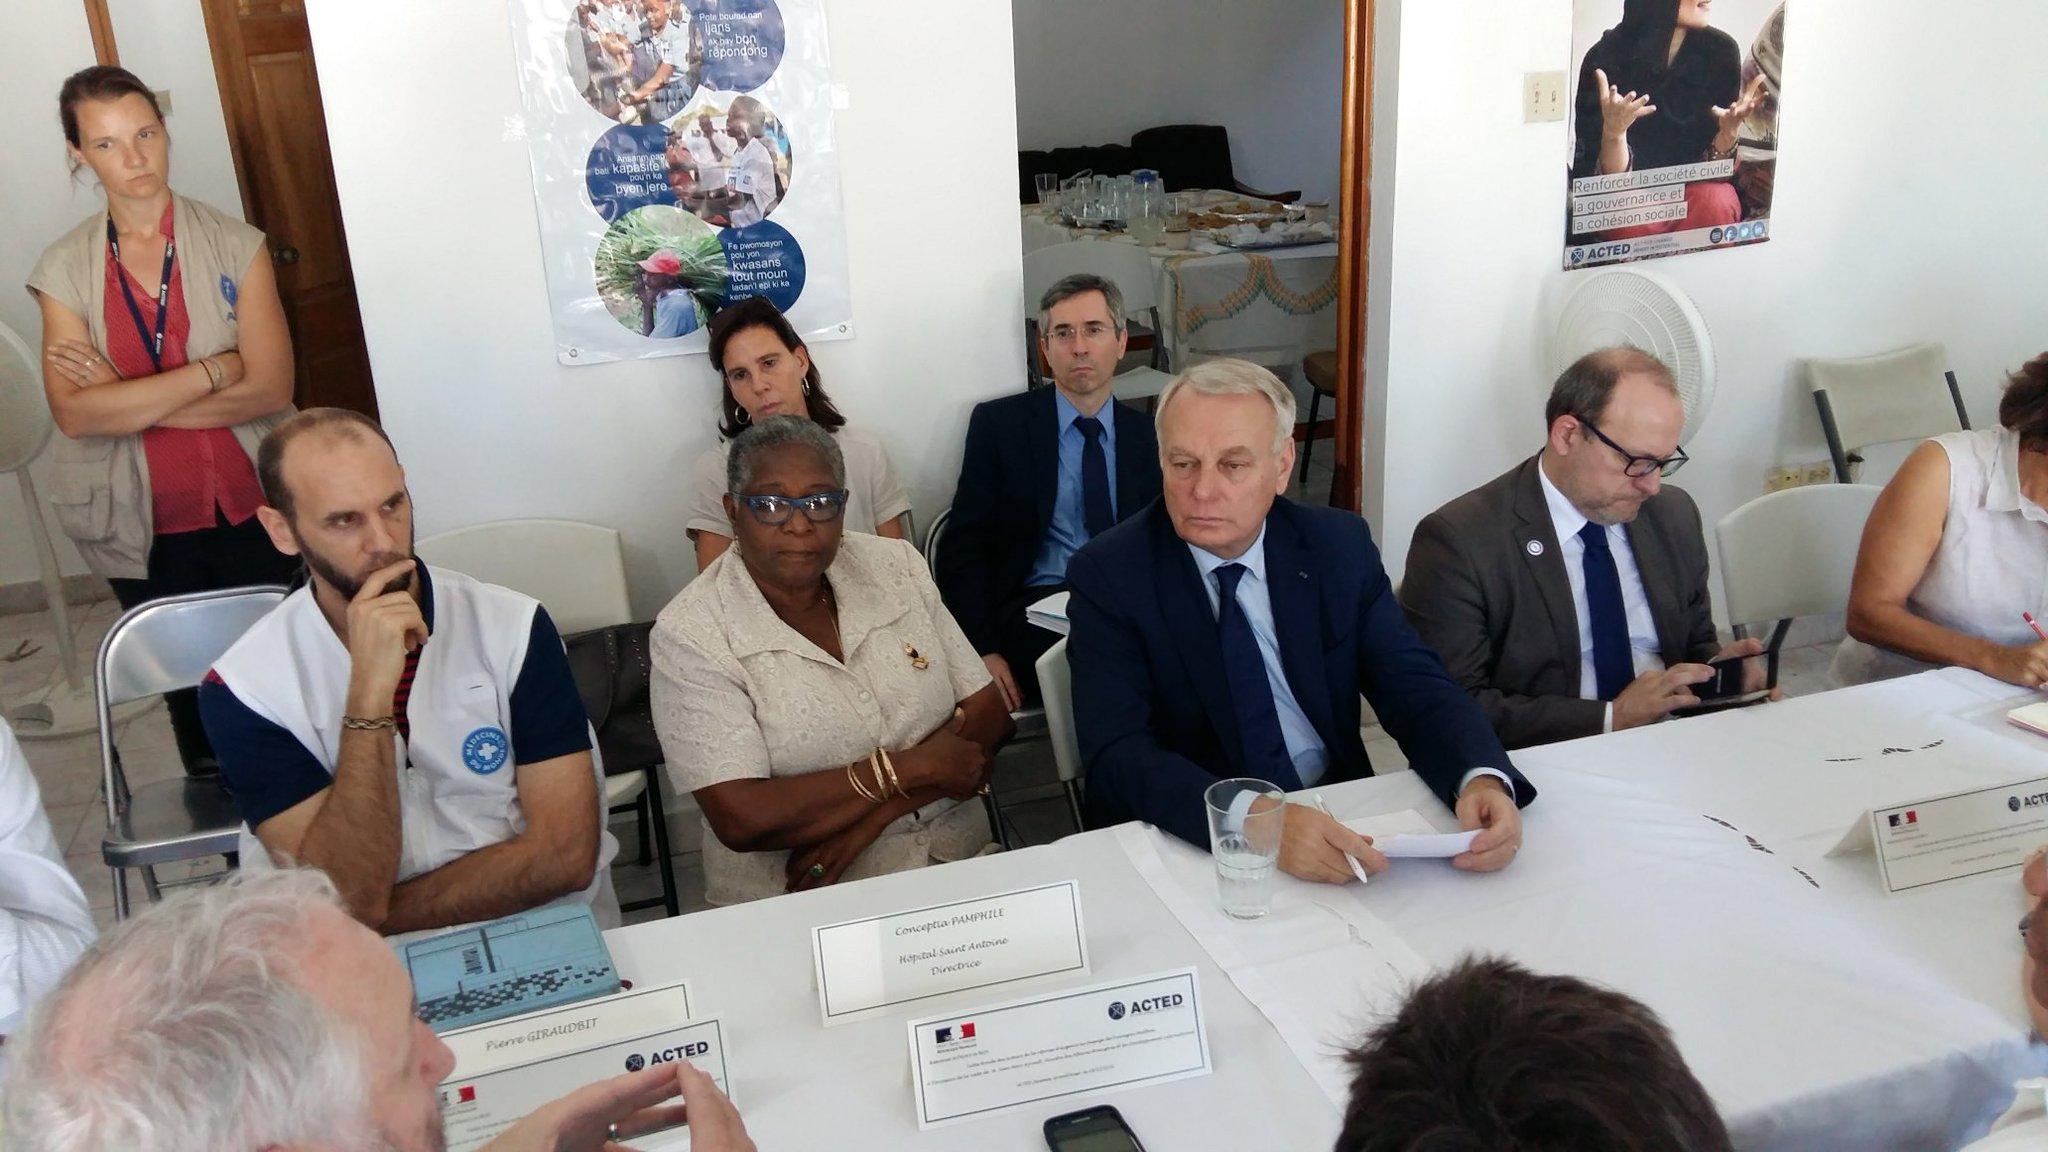 À Jérémie, particulièrement touchée par l'ouragan Matthew, entretien avec plusieurs ONG. La France soutient leur indispensable action #Haïti https://t.co/nugXFzVmOp